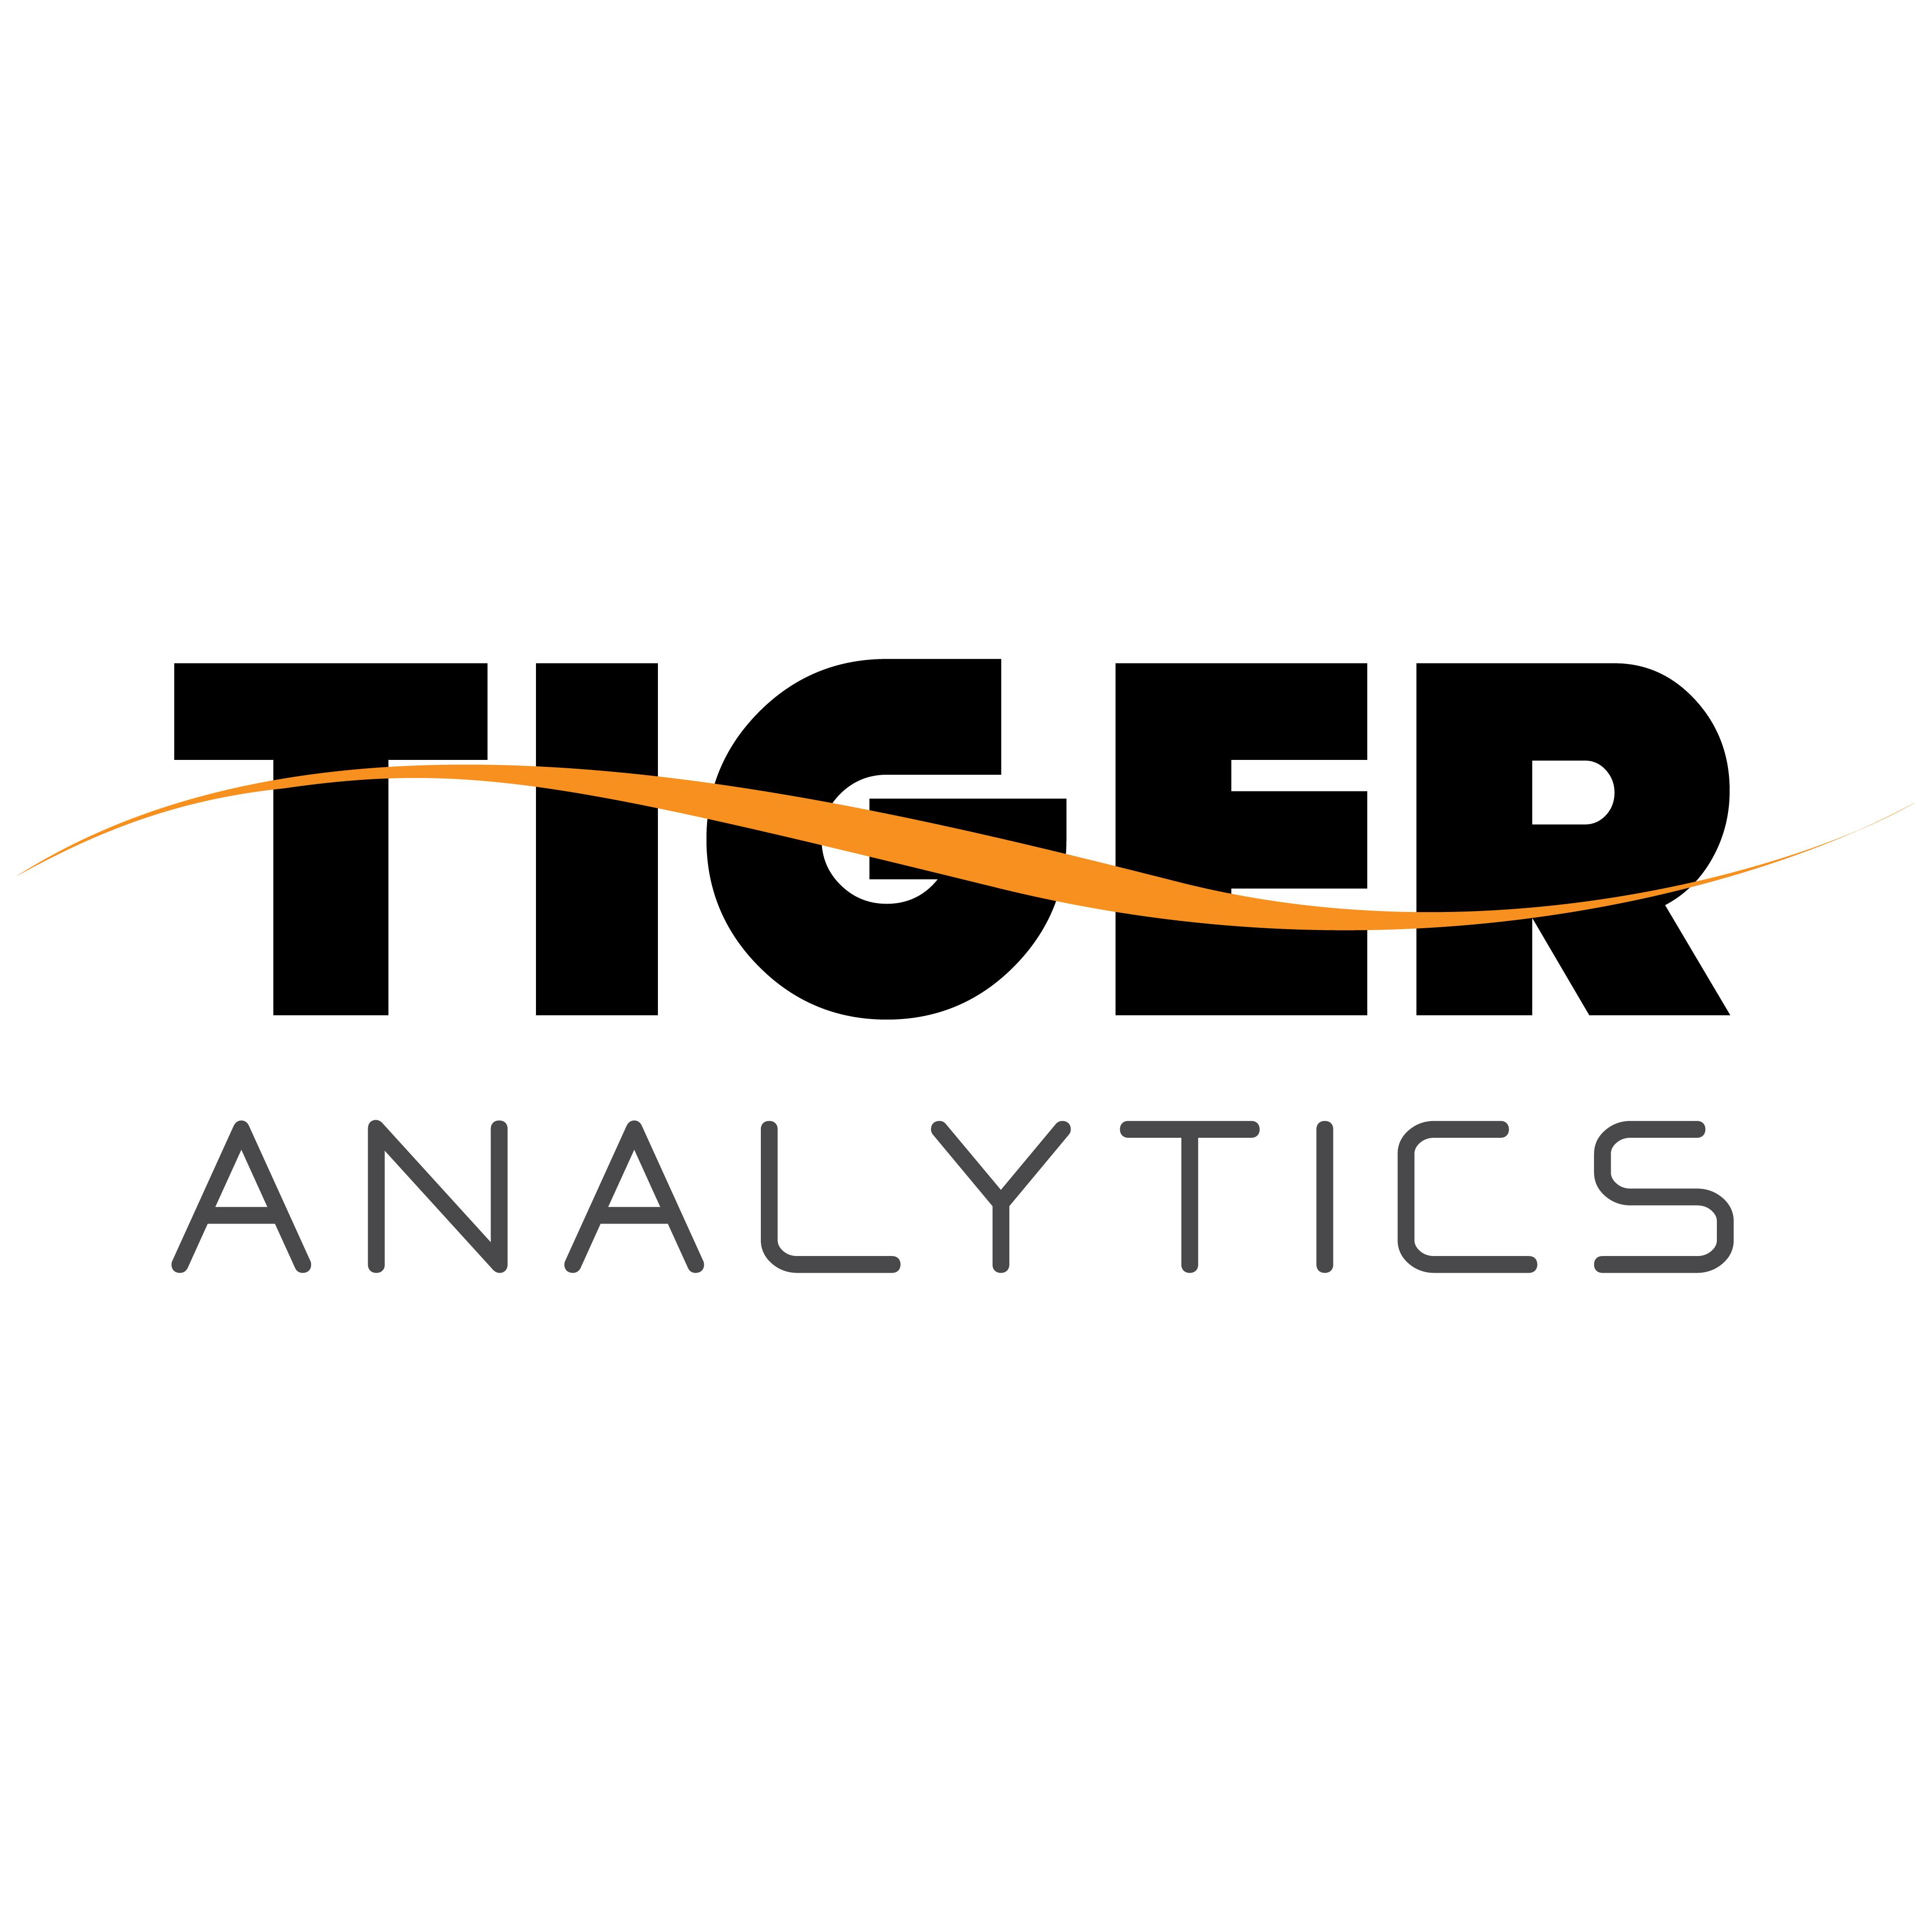 Tiger Analytics named in Gartner Market Guide for Data and